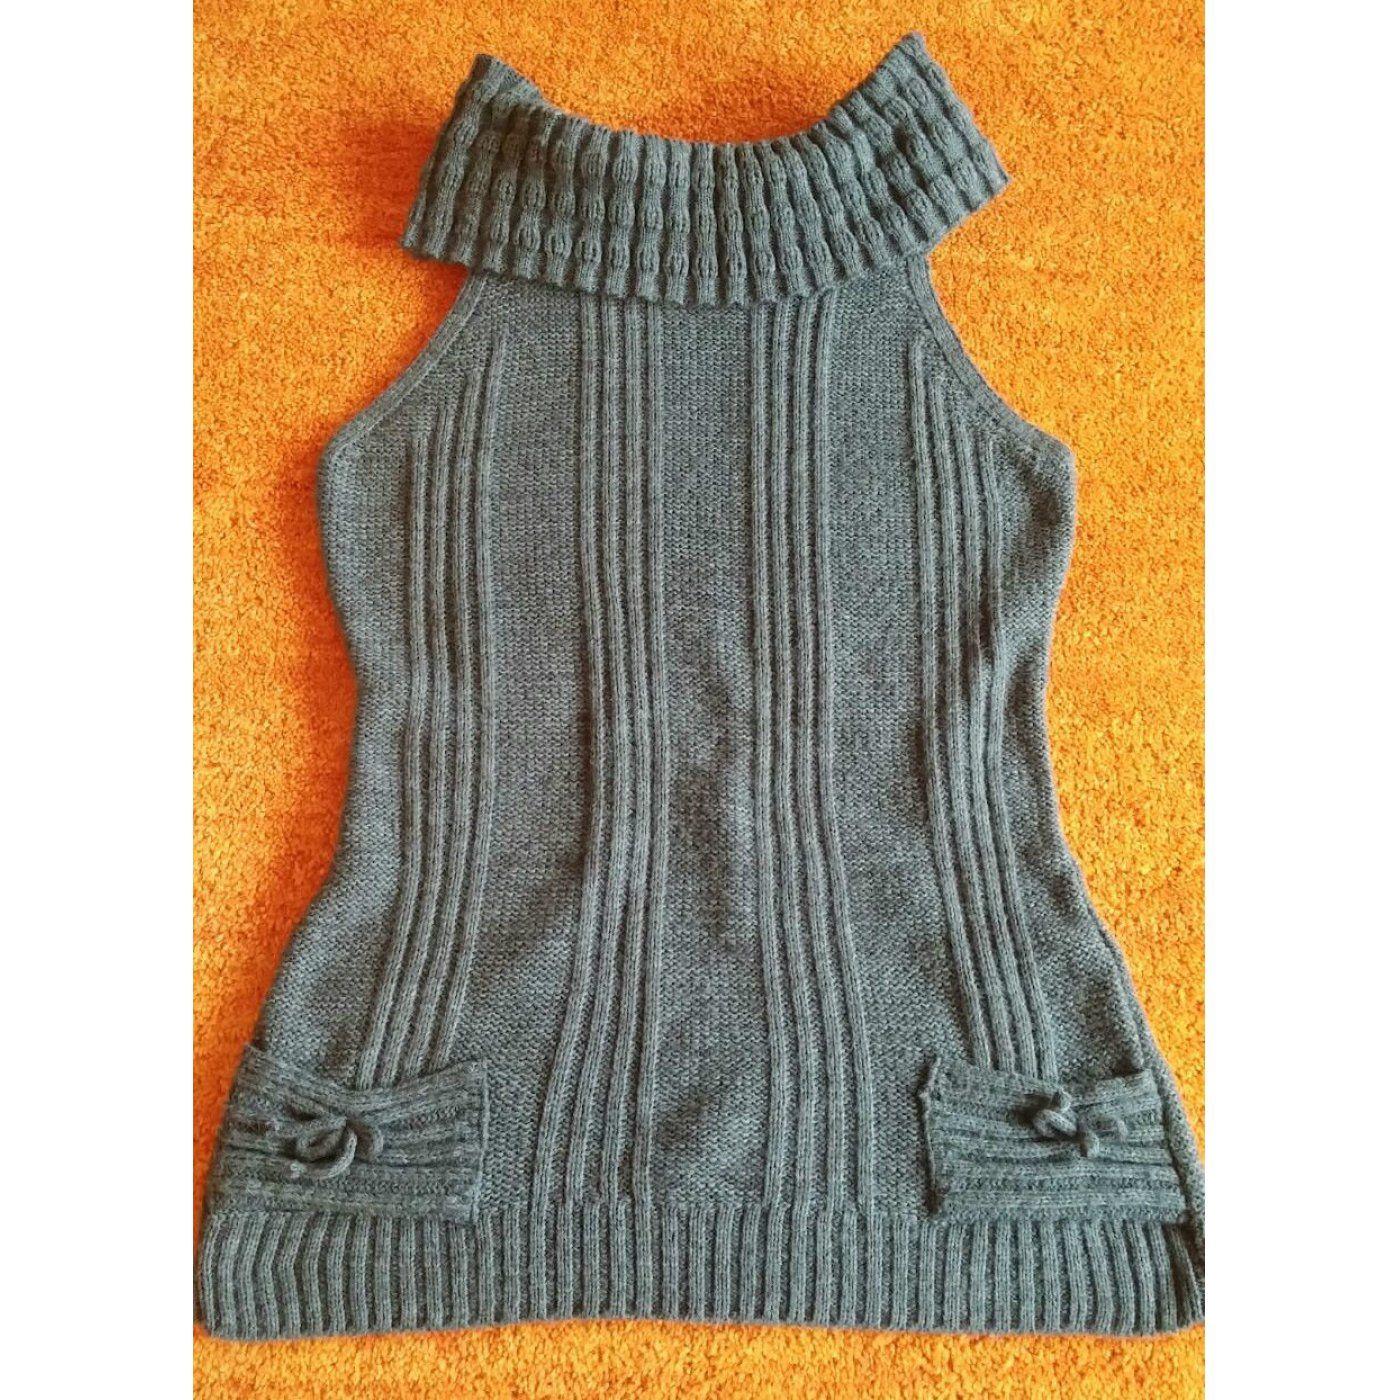 cheap for discount 1c591 d31a4 Damen Pullover Strick Kuschelig warm Figurbetont von ORSAY ...